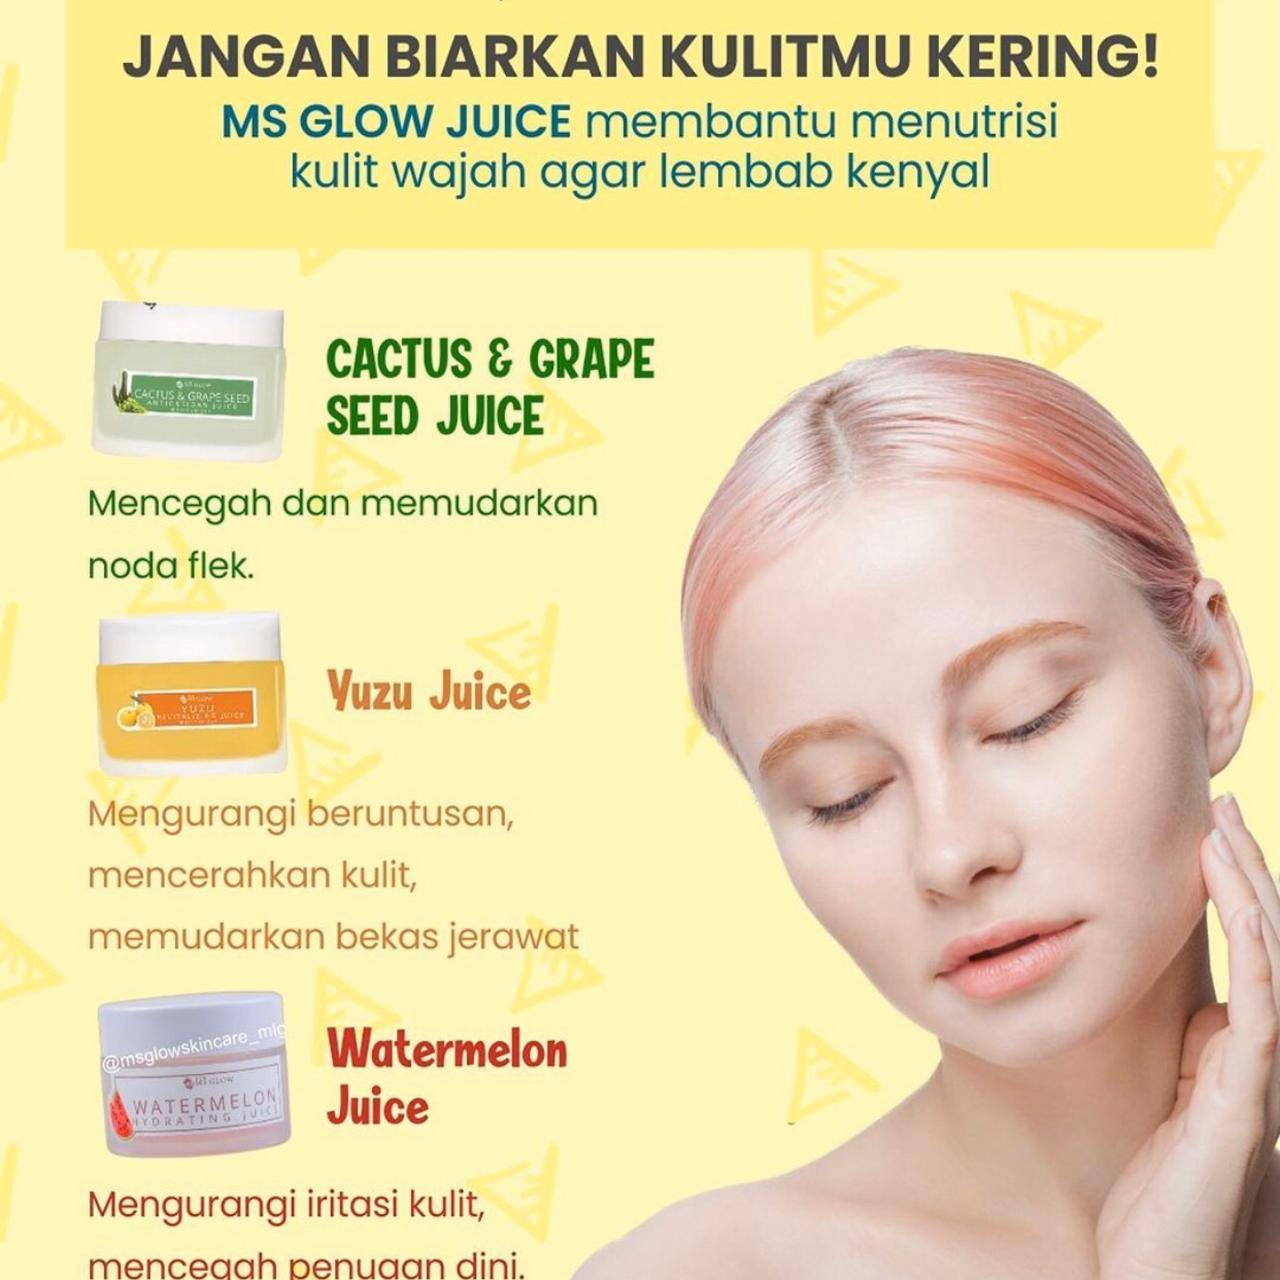 Hydrating Juice Watermelon Ms Glow Melembabkan Kulit Mencerahkan Mengatasi Kulit Kering Menghilangkan Kusam Mengatasi Iritasi Dan Mengelupas Lazada Indonesia